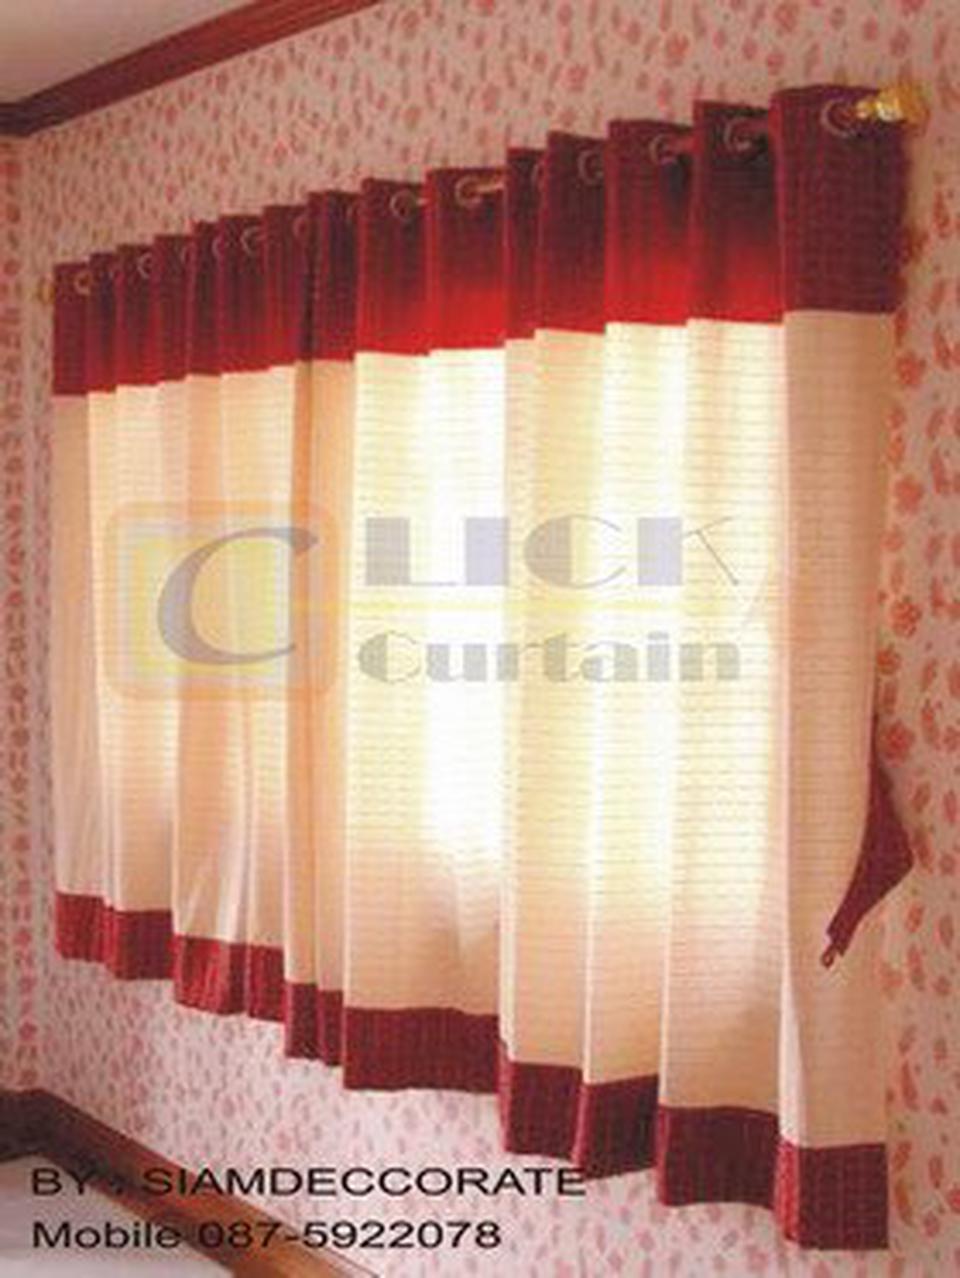 ร้านผ้าม่านสำเร็จรูป ( Click Curtain ) เราเป็นผู้ผลิตผ้าม่านสำเร็จรูปที่มีจำหน่ายหลากสไตล์ เช่น ม่านตอกตาไก่,ม่านคอกระเช รูปที่ 4